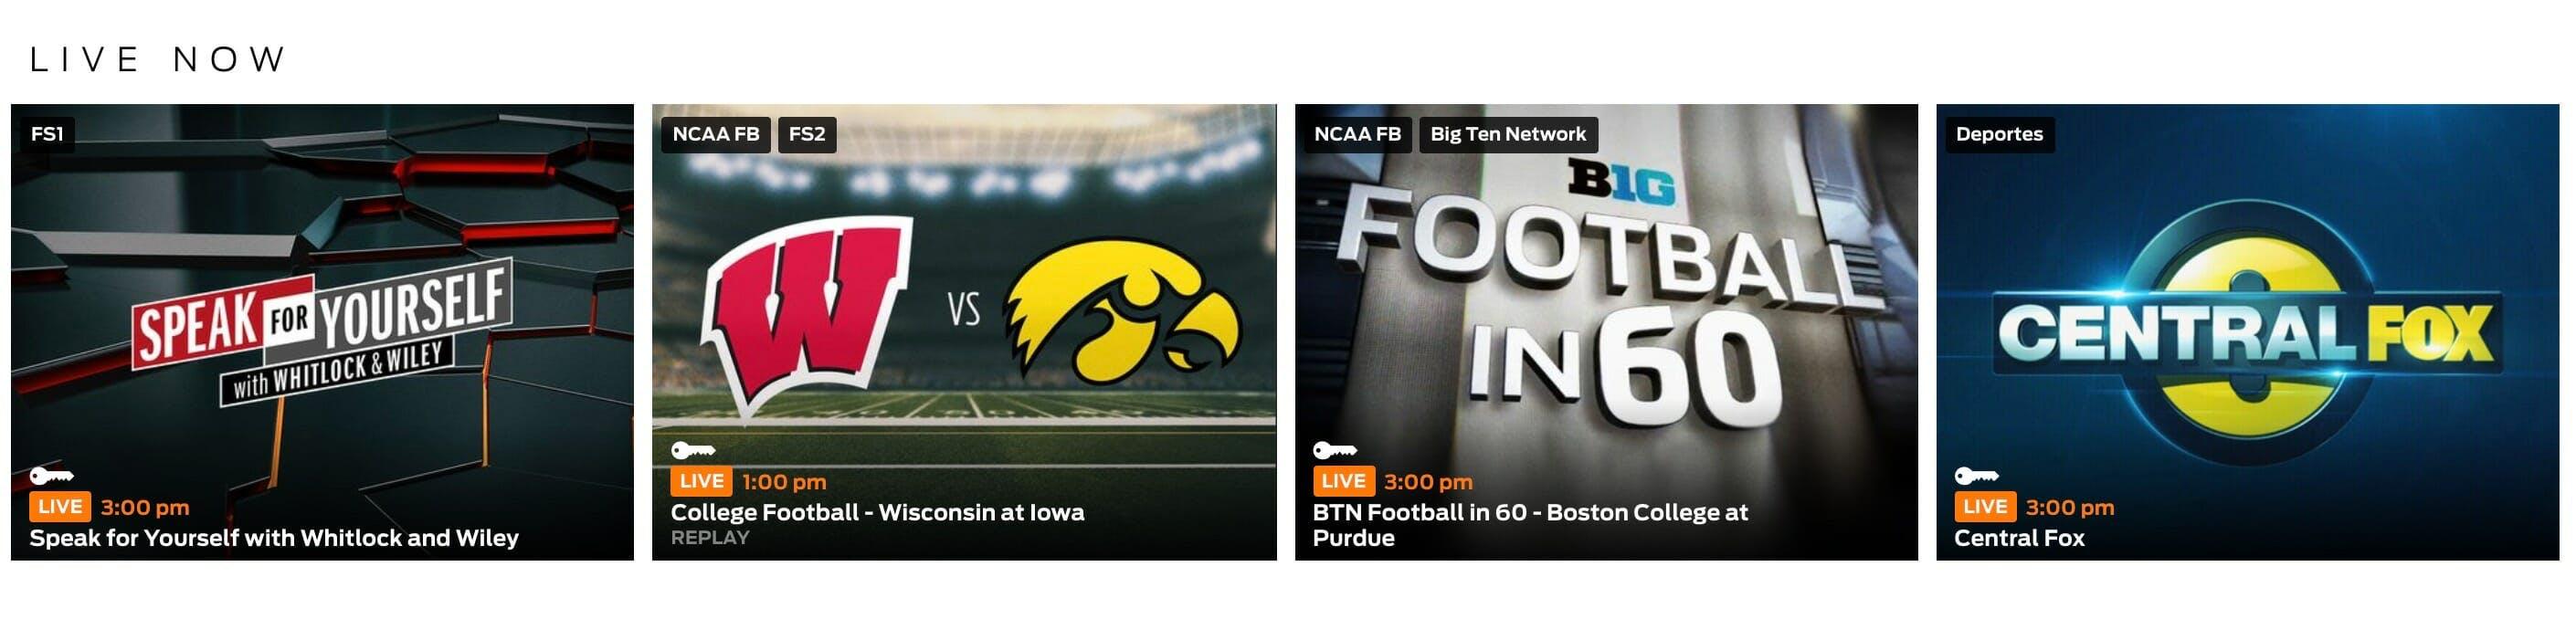 watch mlb playoffs live stream fox sports go